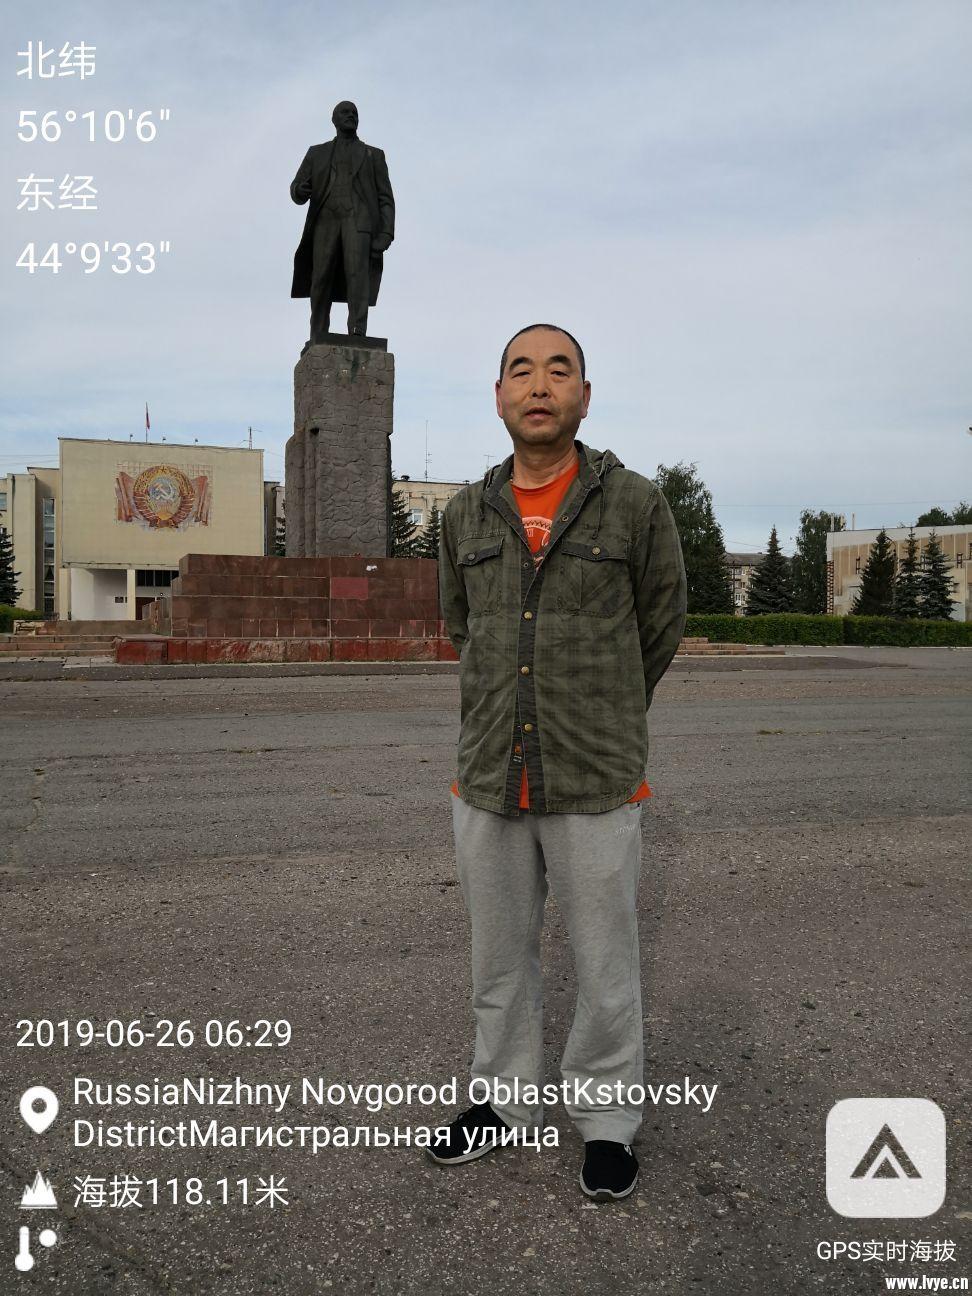 1.在各地都能看到列宁雕像。